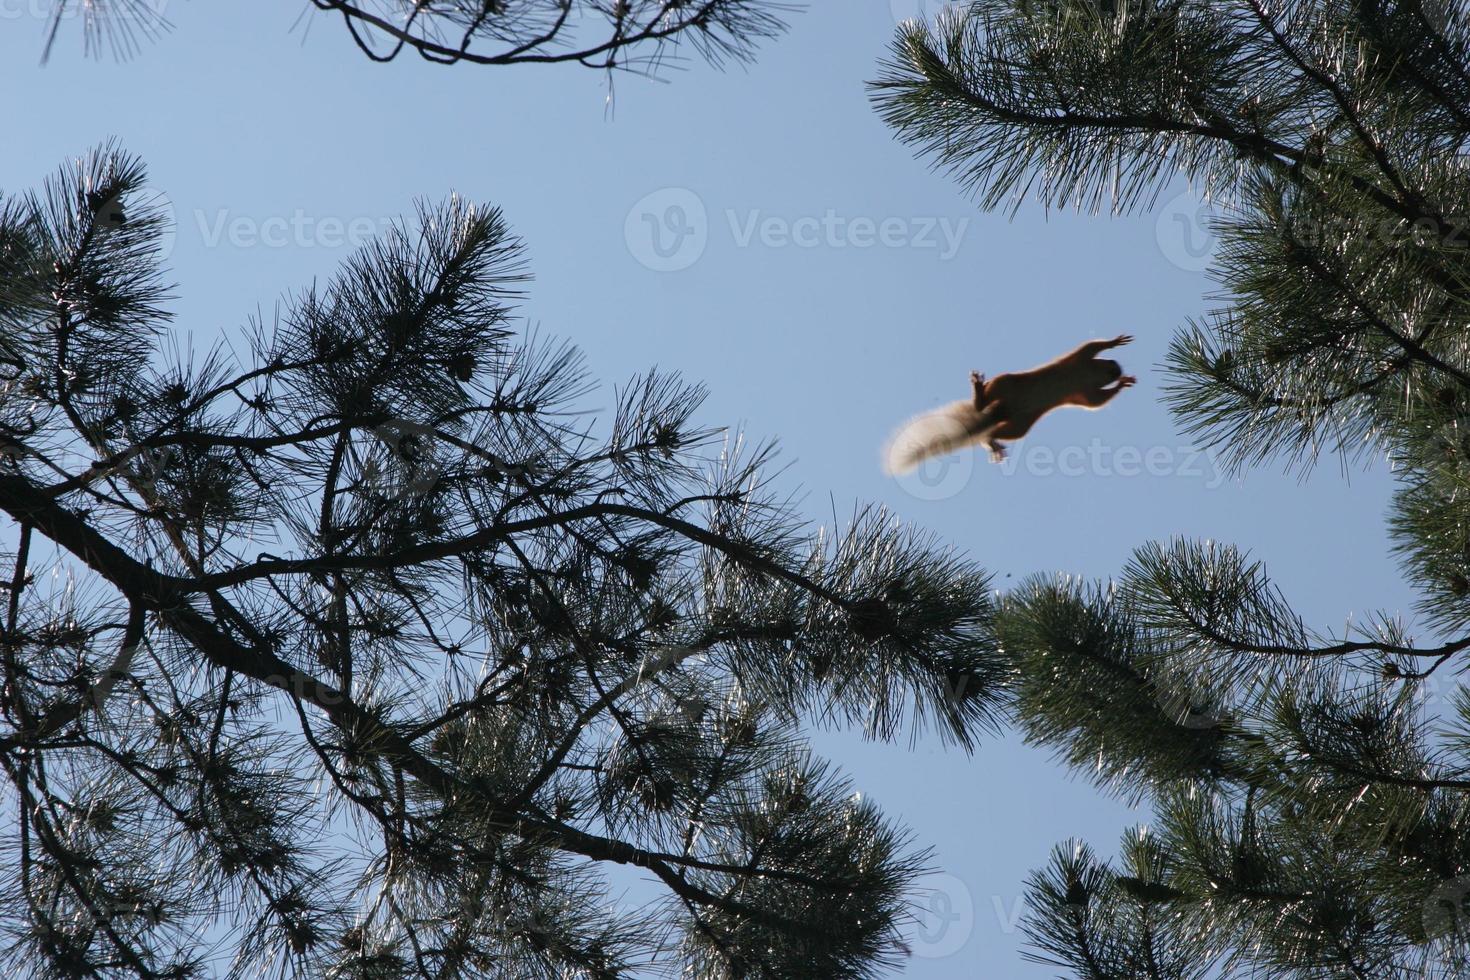 scoiattolo che vola da un albero all'altro foto